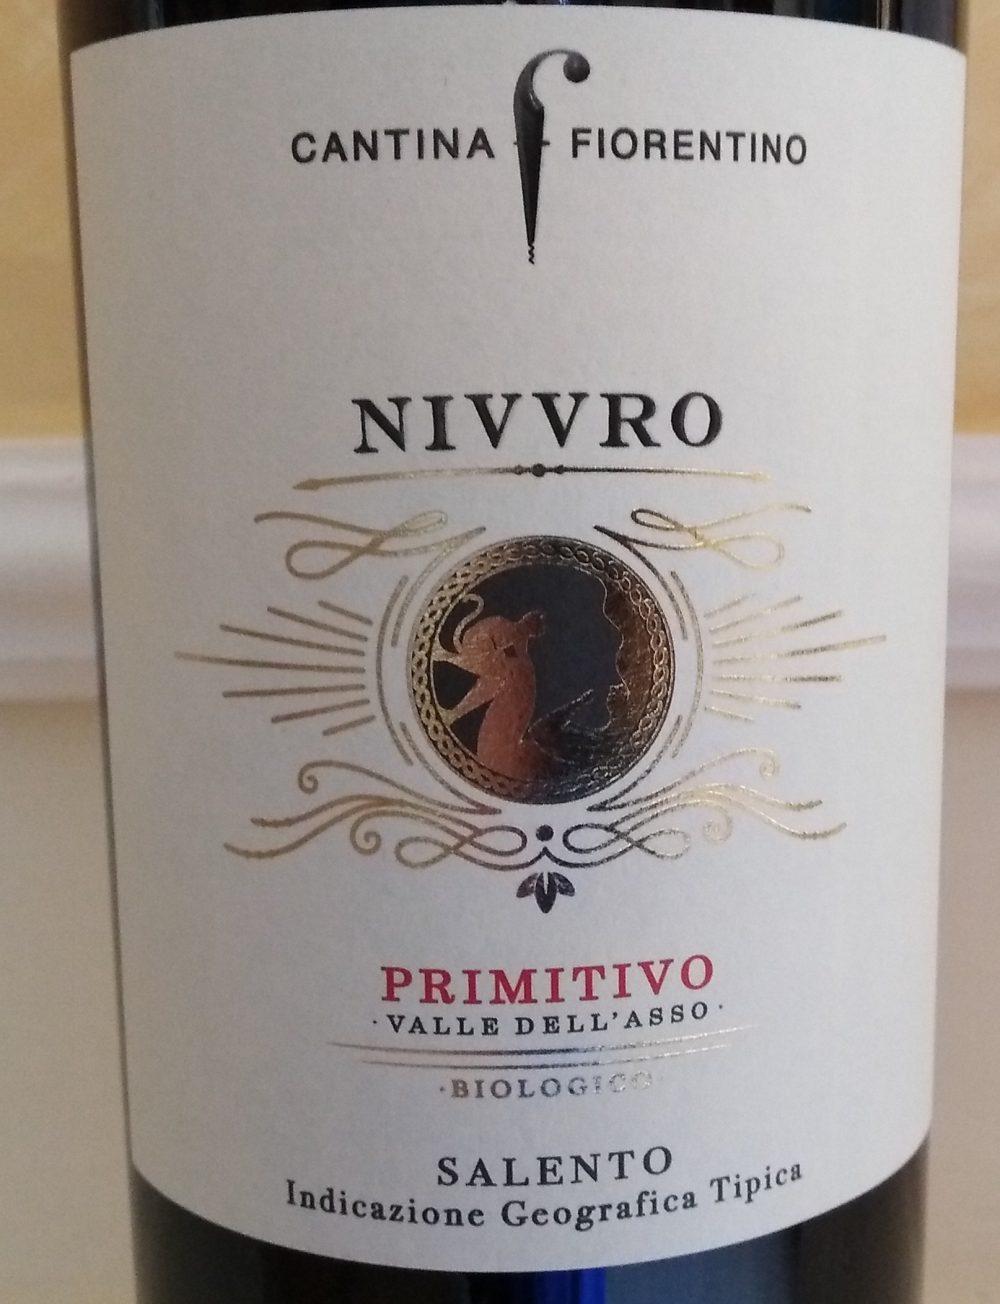 Nivvro Primitivo Salento Igp 2016 Cantina Fiorentino